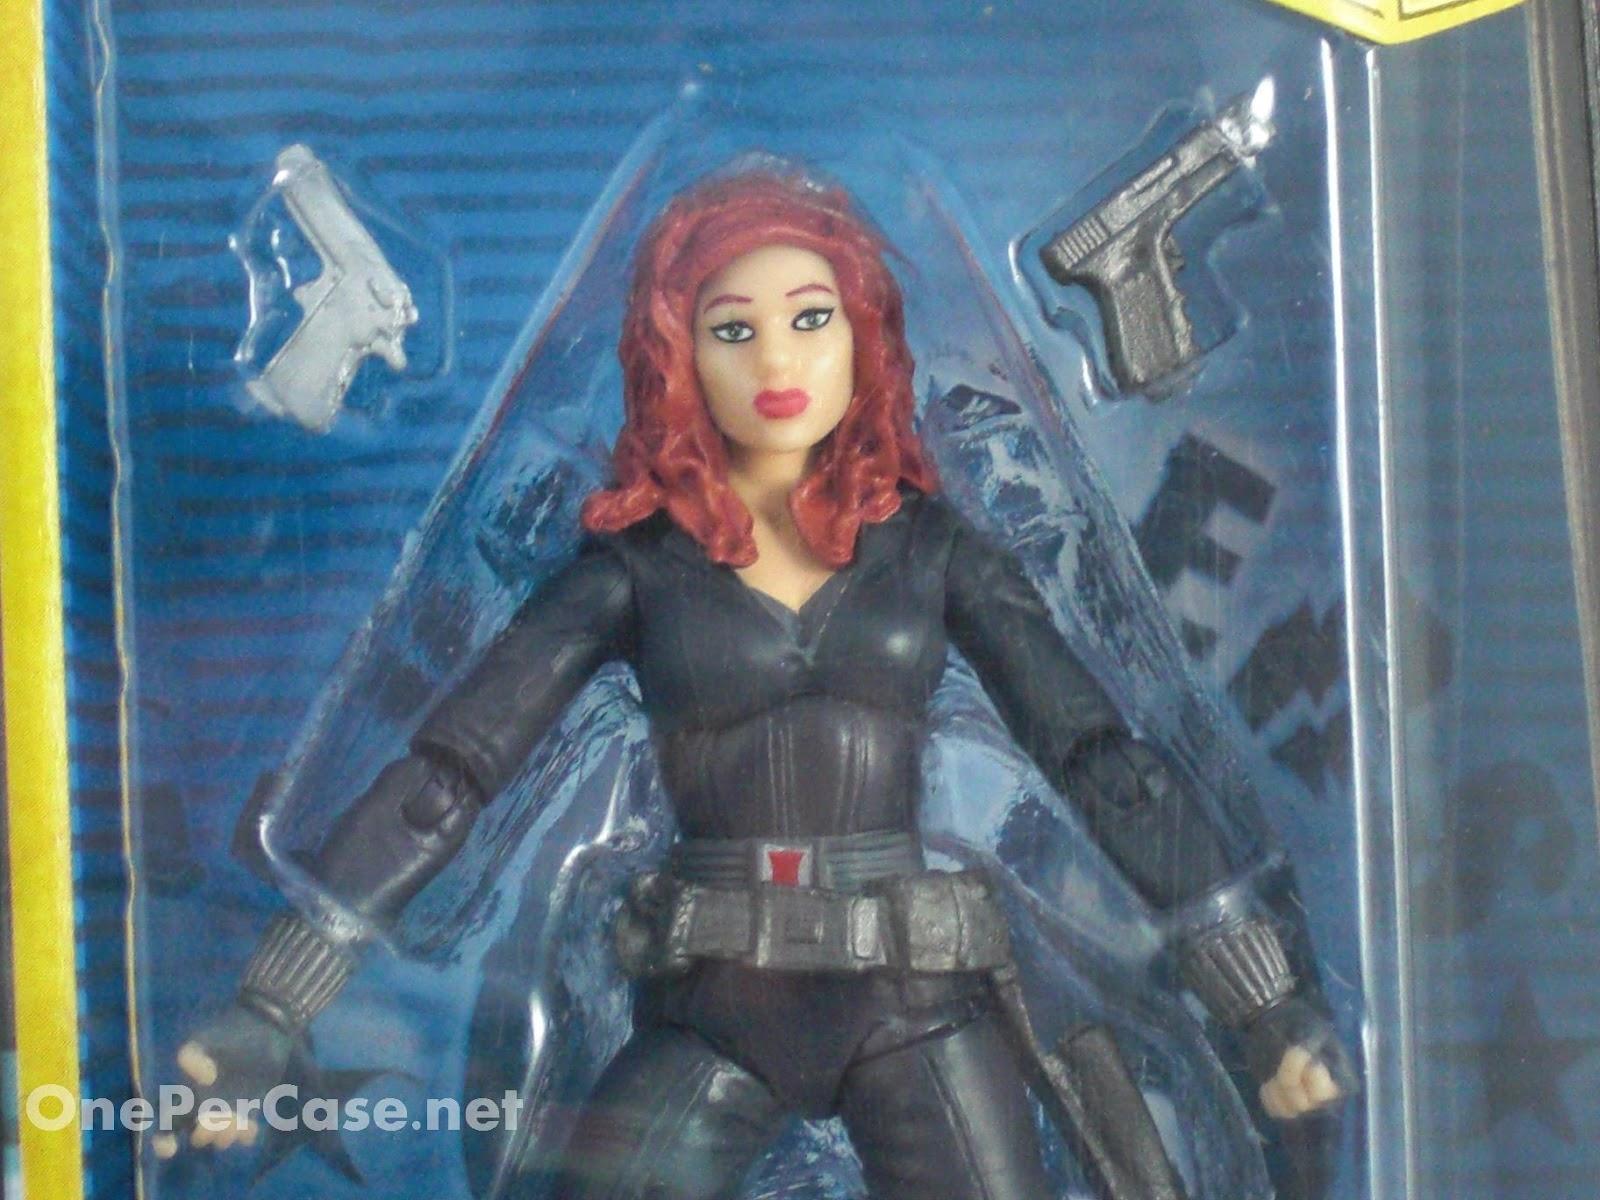 One Per Case: Cancelled Iron Man 2 Unmasked Stark, Rhodey ...